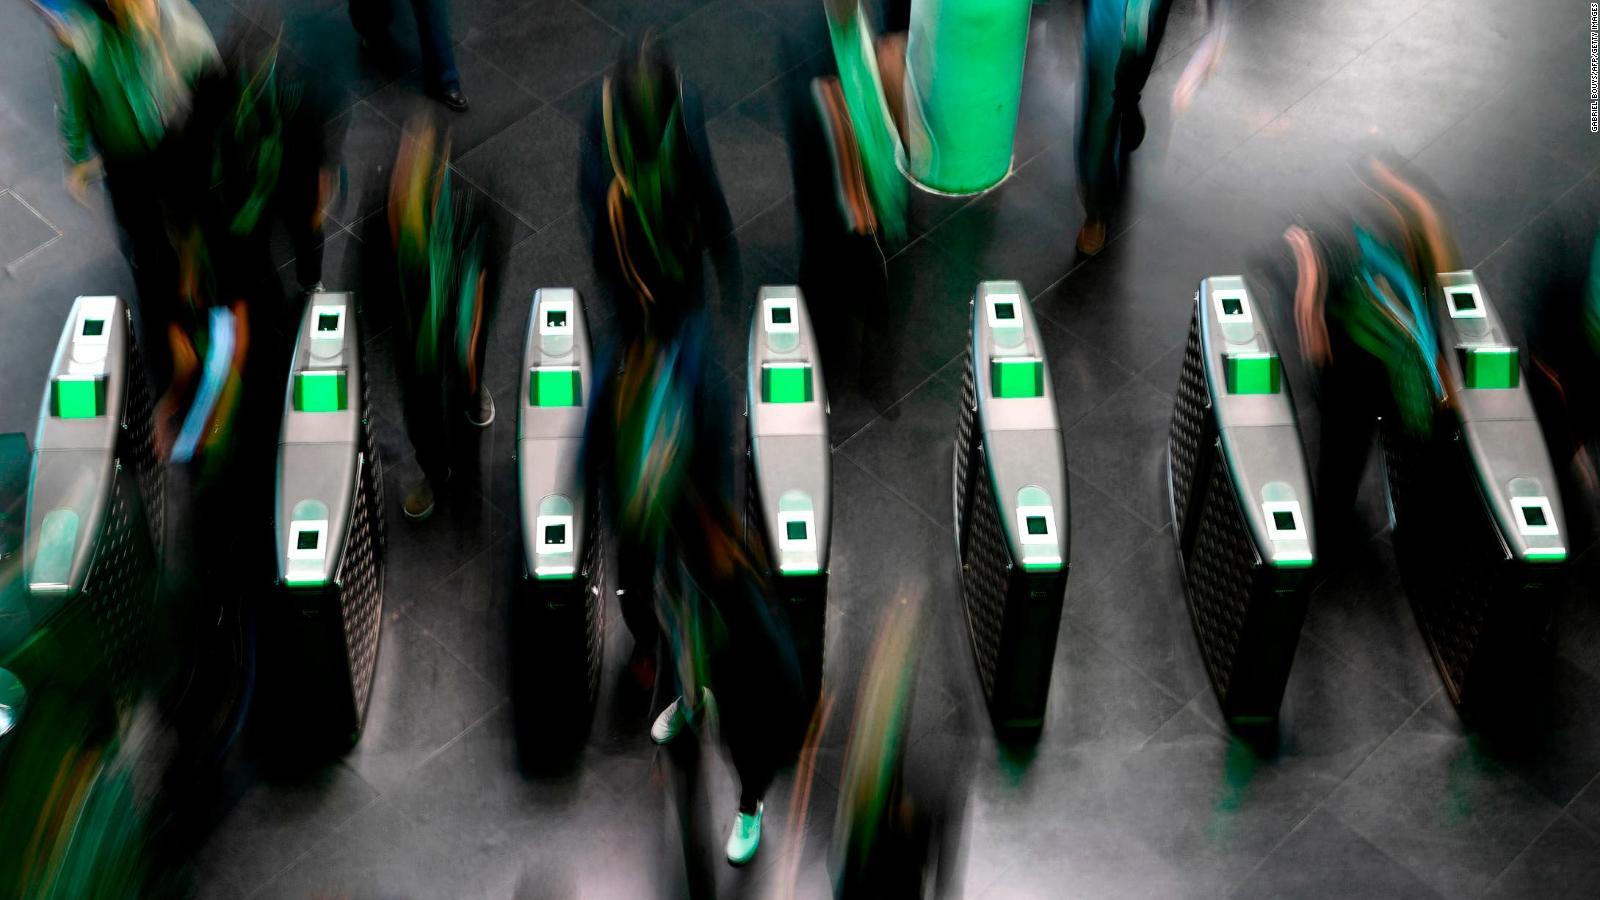 Einlasskontrollen beim Mobile World Congress in Barcelona.